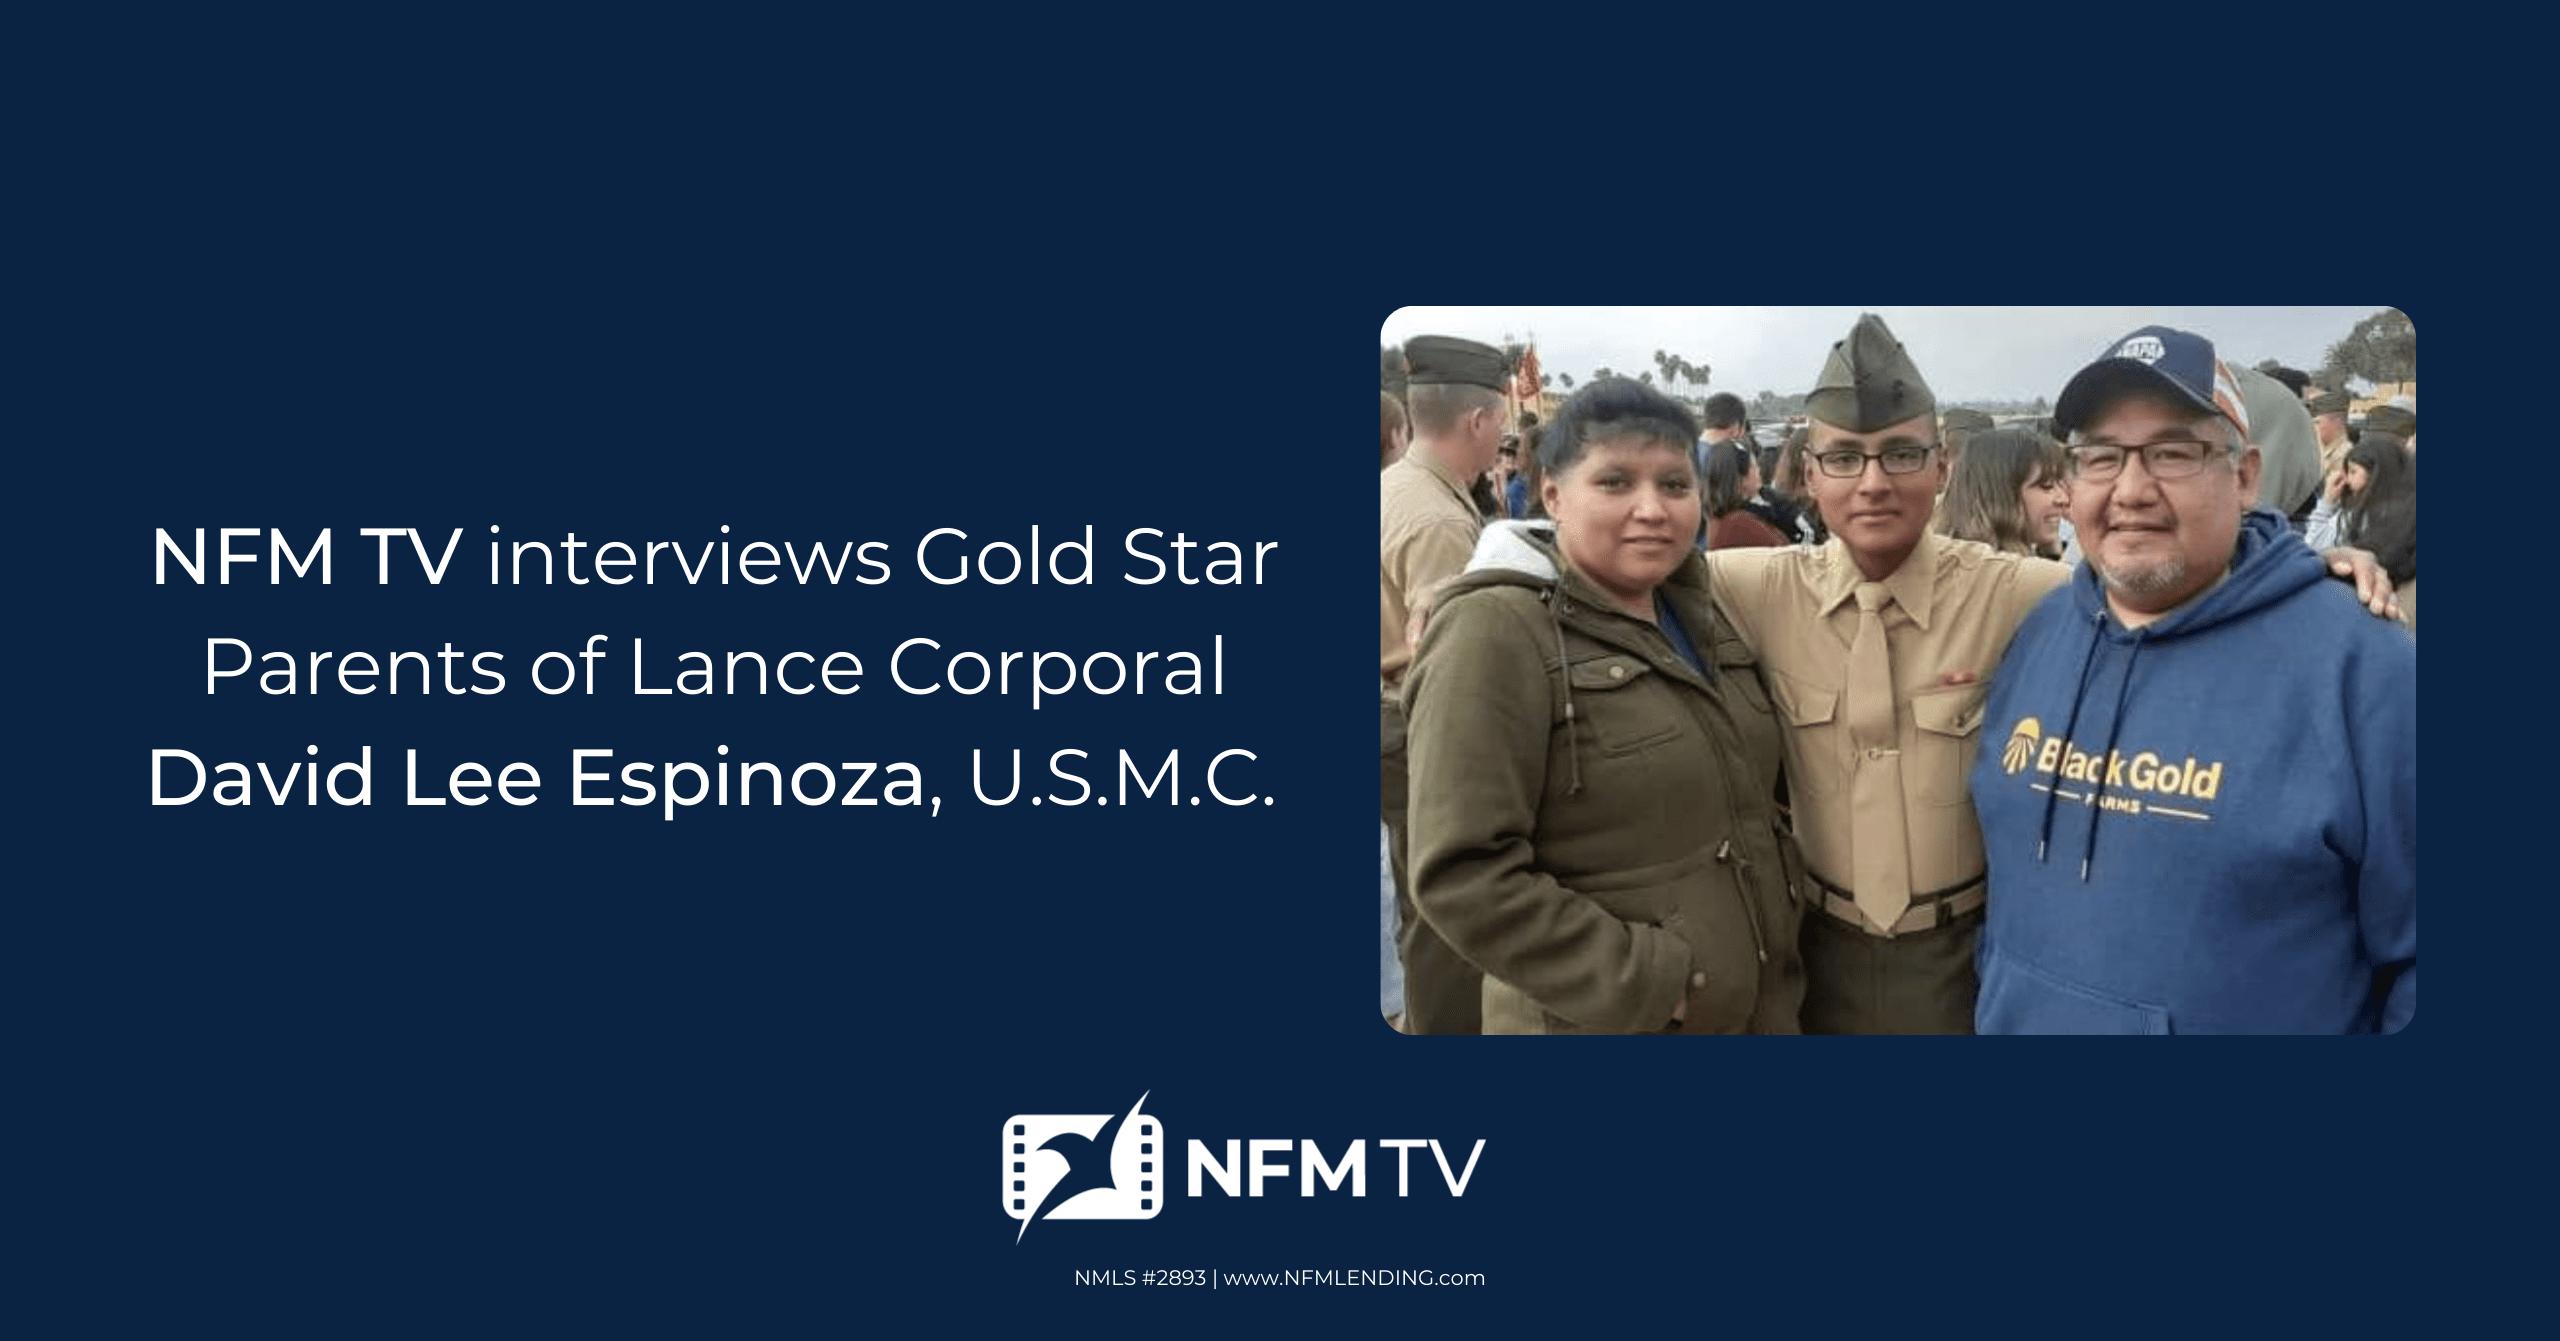 NFM TV Interviews Gold Star Parents of David Lee Espinoza